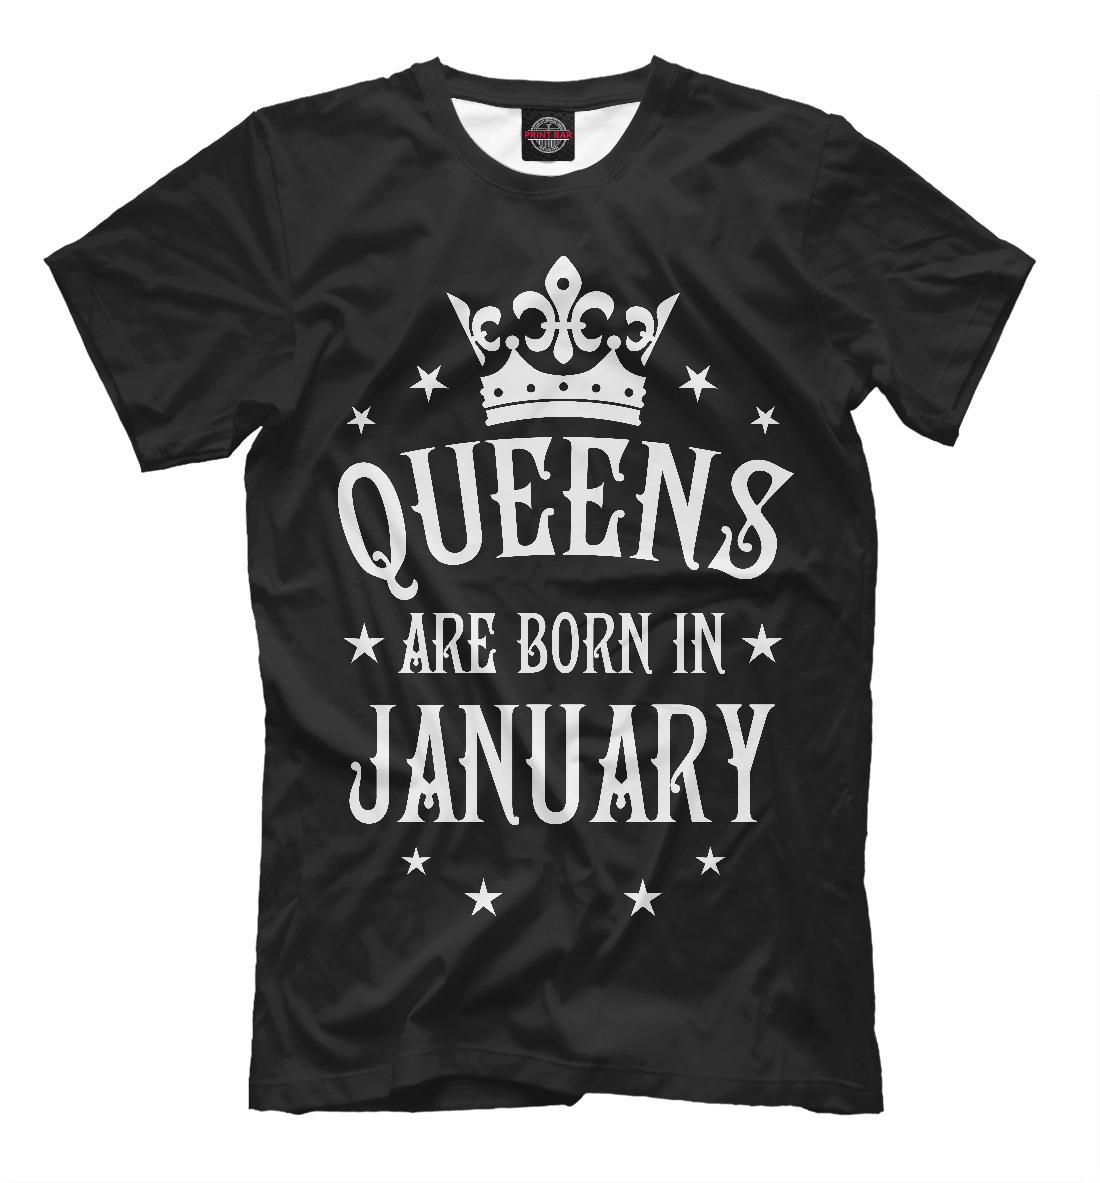 Купить Королевы рождаются в январе, Printbar, Футболки, DRZ-488563-fut-2